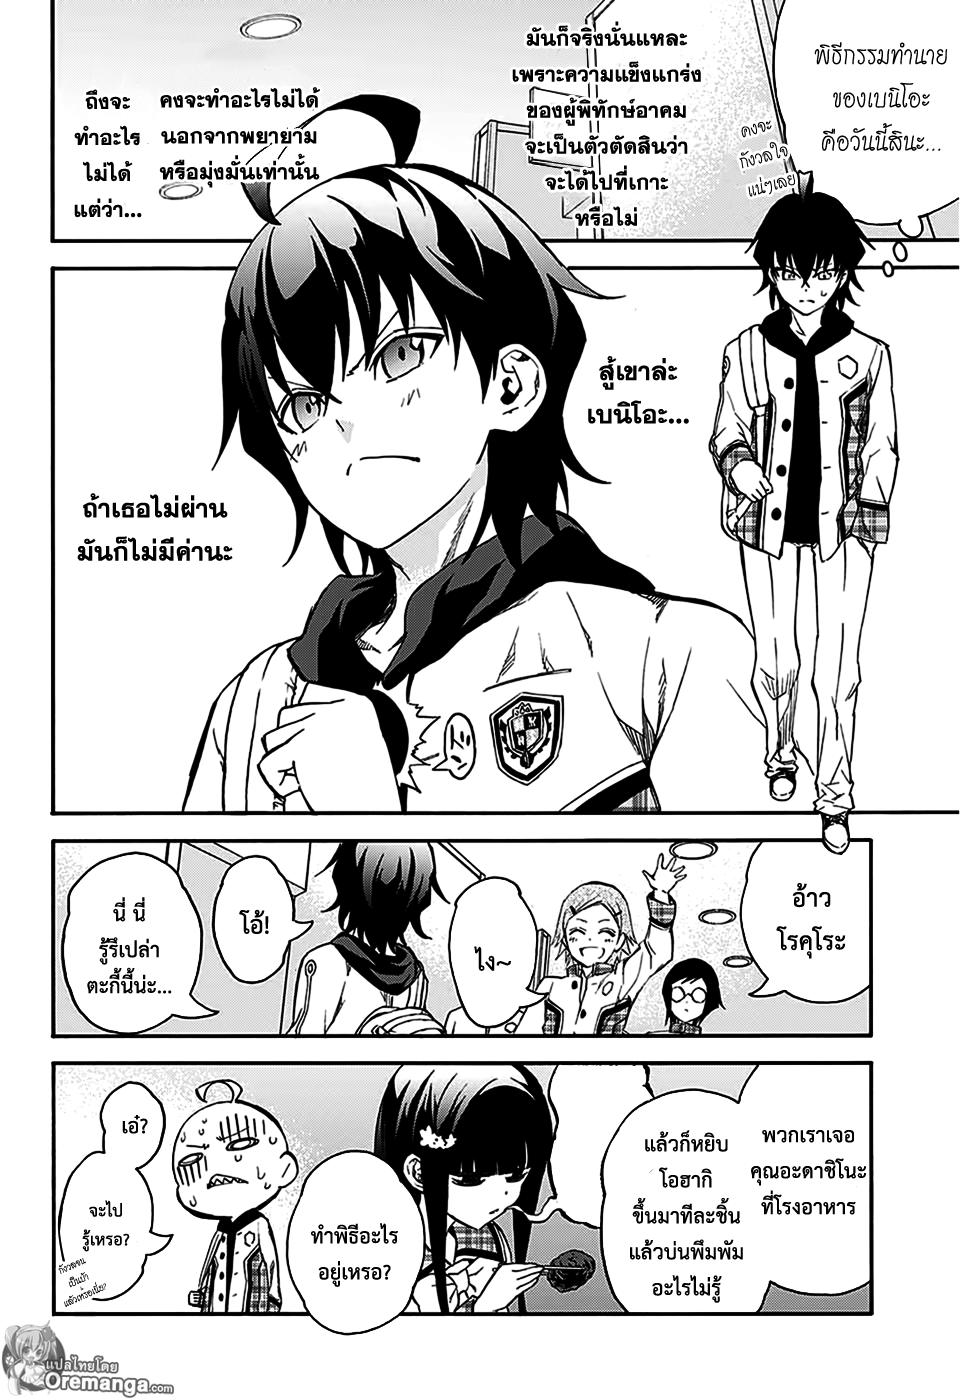 อ่านการ์ตูน Sousei no Onmyouji ตอนที่ 23 หน้าที่ 4